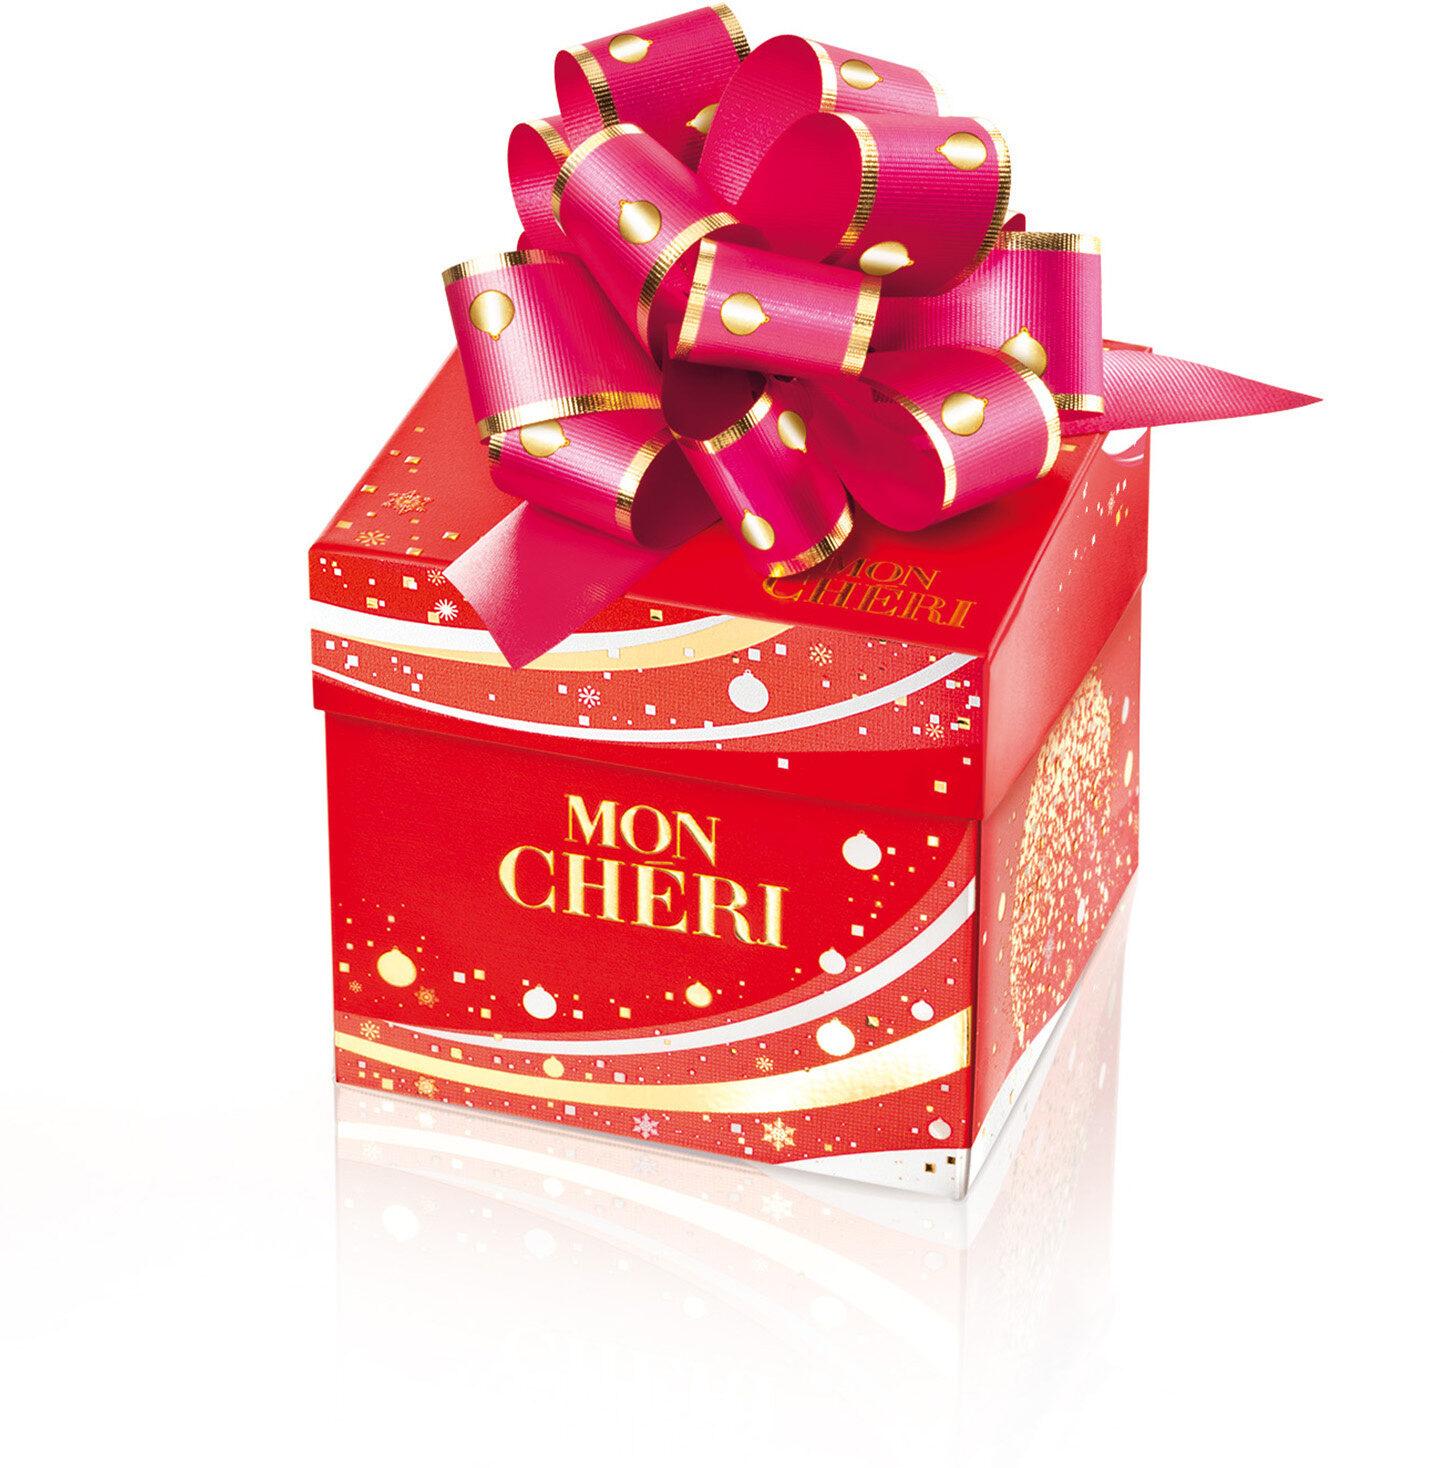 Mon cheri cerise cube t8 cube de 8 bouchees - Produit - fr